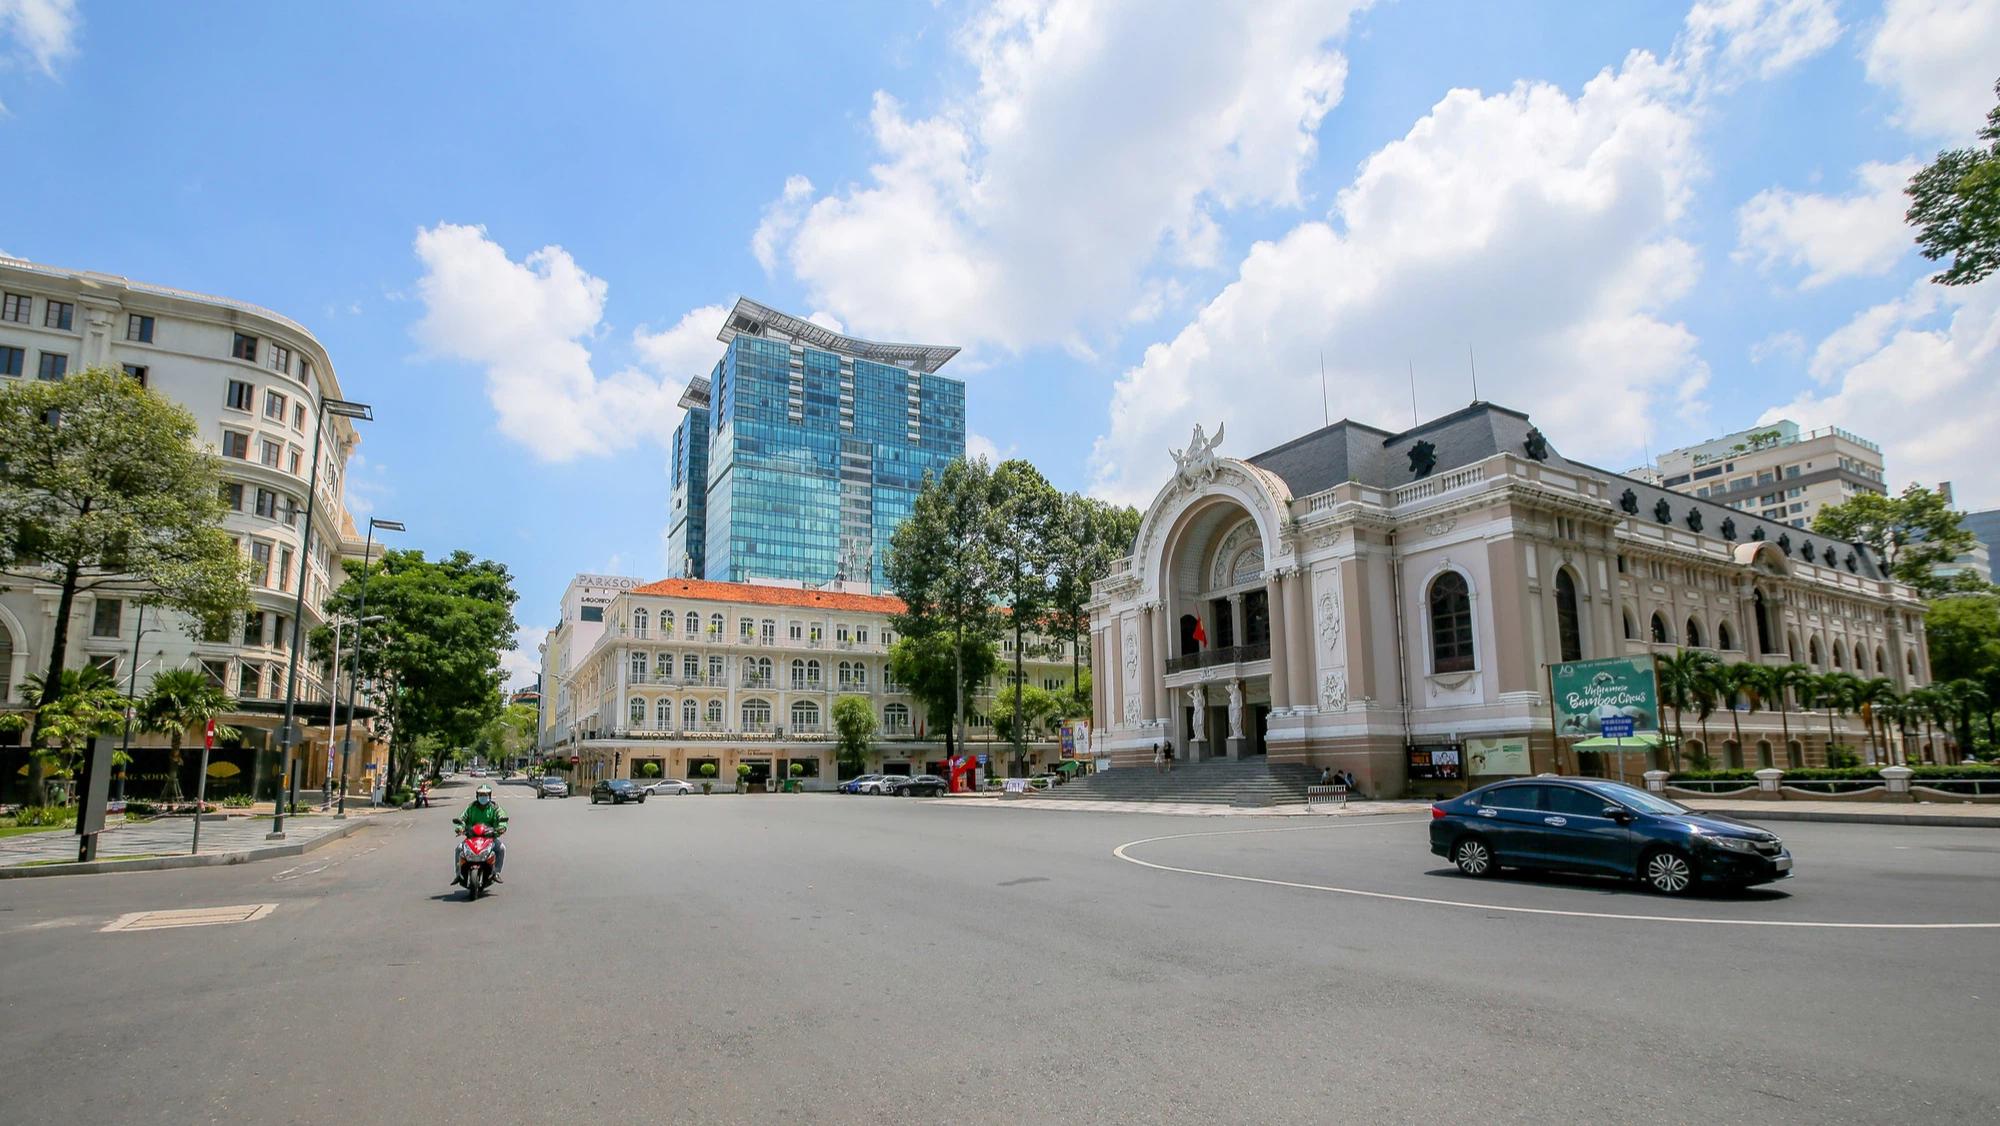 Khách sạn tại TP HCM rao bán khắp nơi, chủ đầu tư kiệt quệ - Ảnh 1.